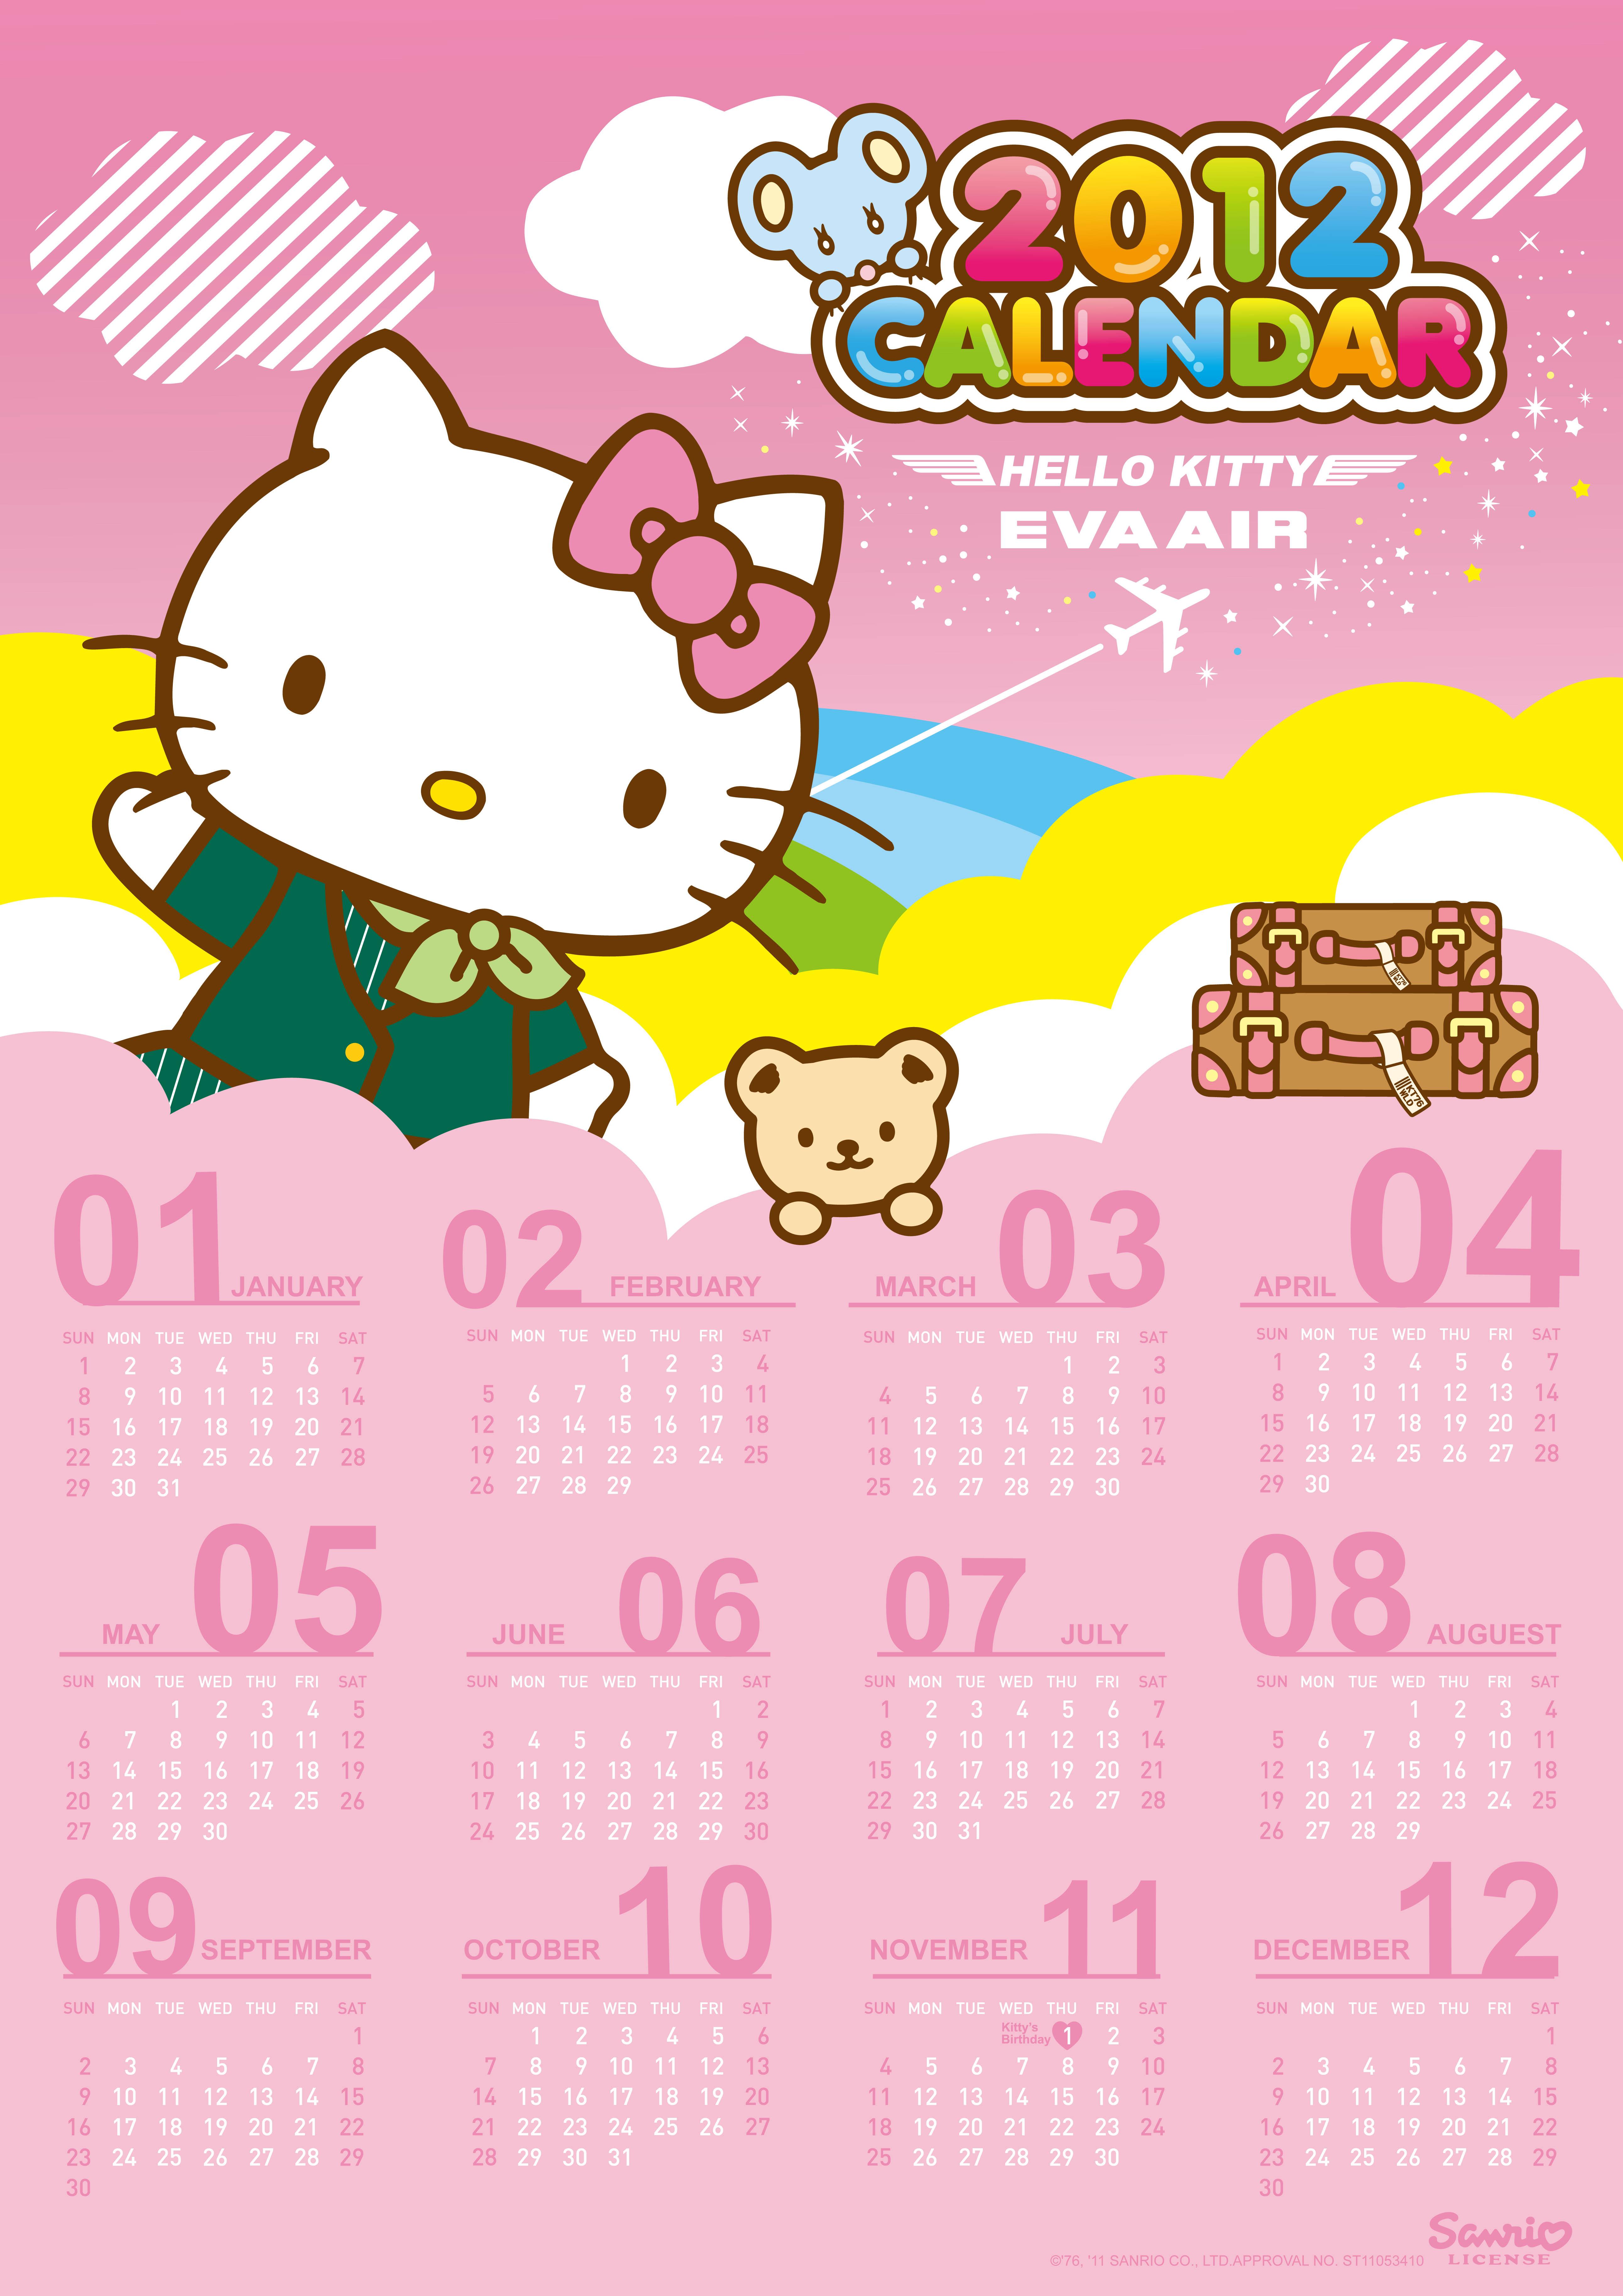 Hello Kitty Eva Airways 2012 Calendars